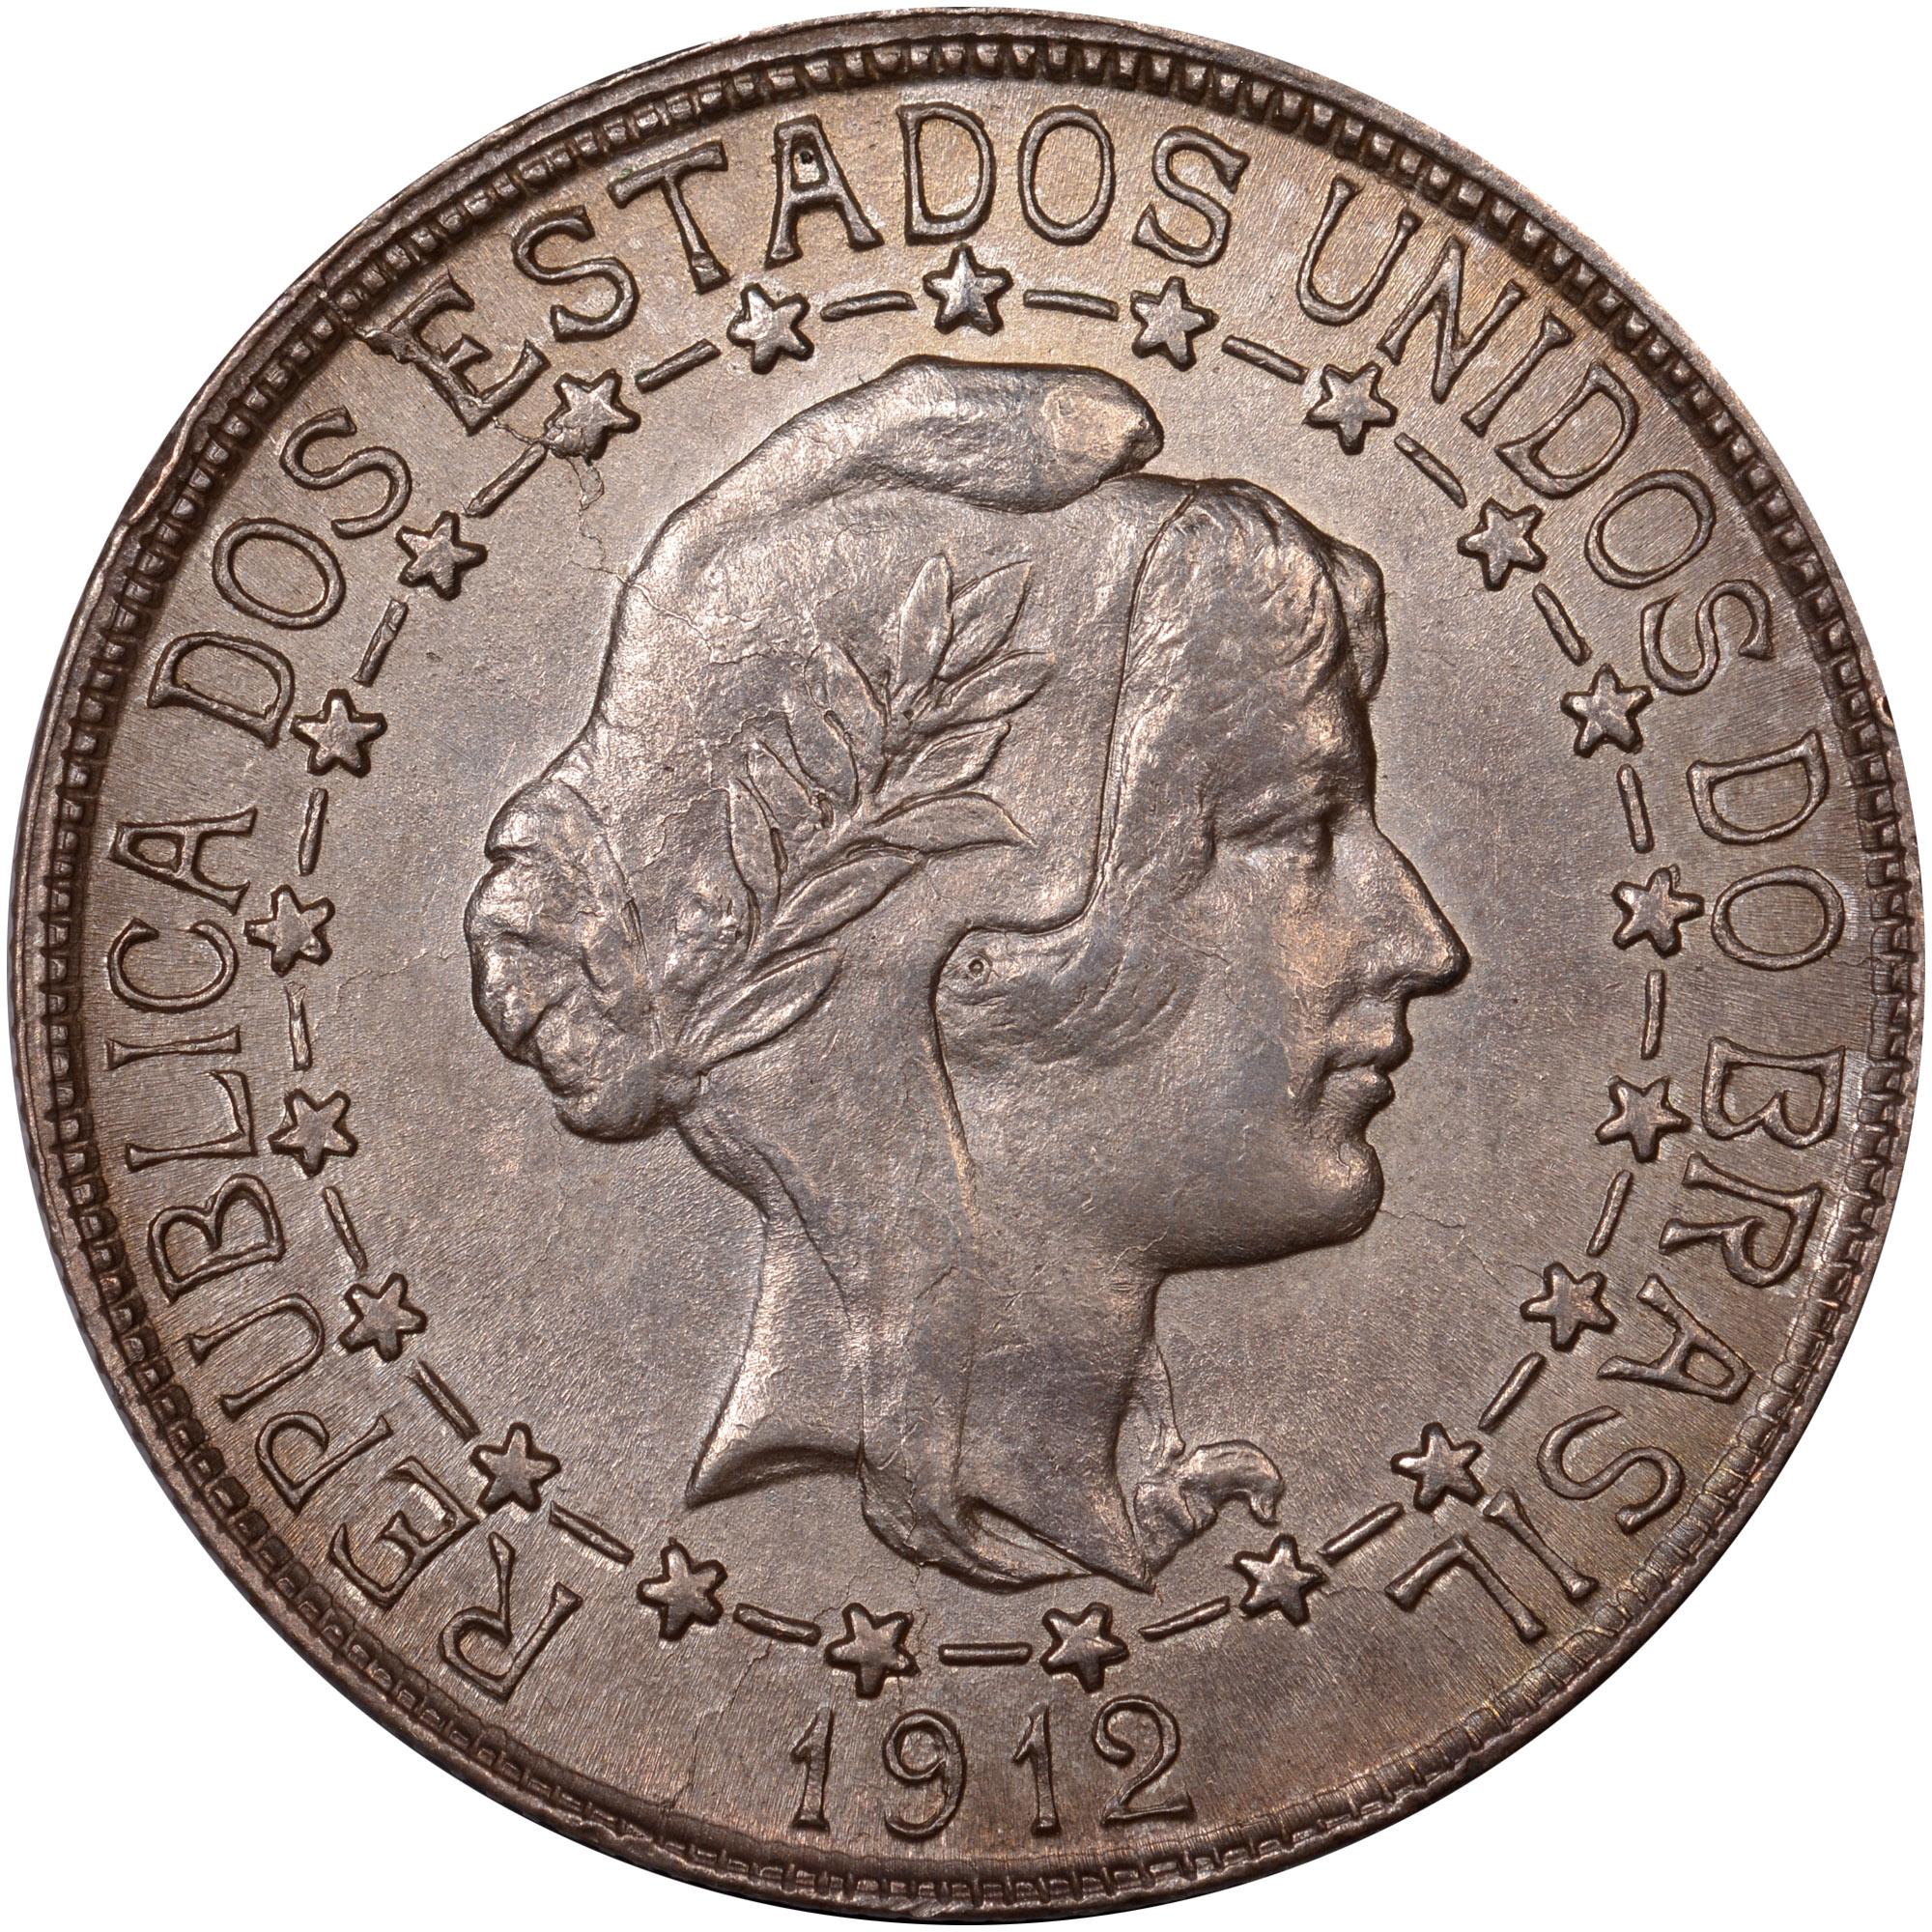 1912 Brazil 500 Reis obverse